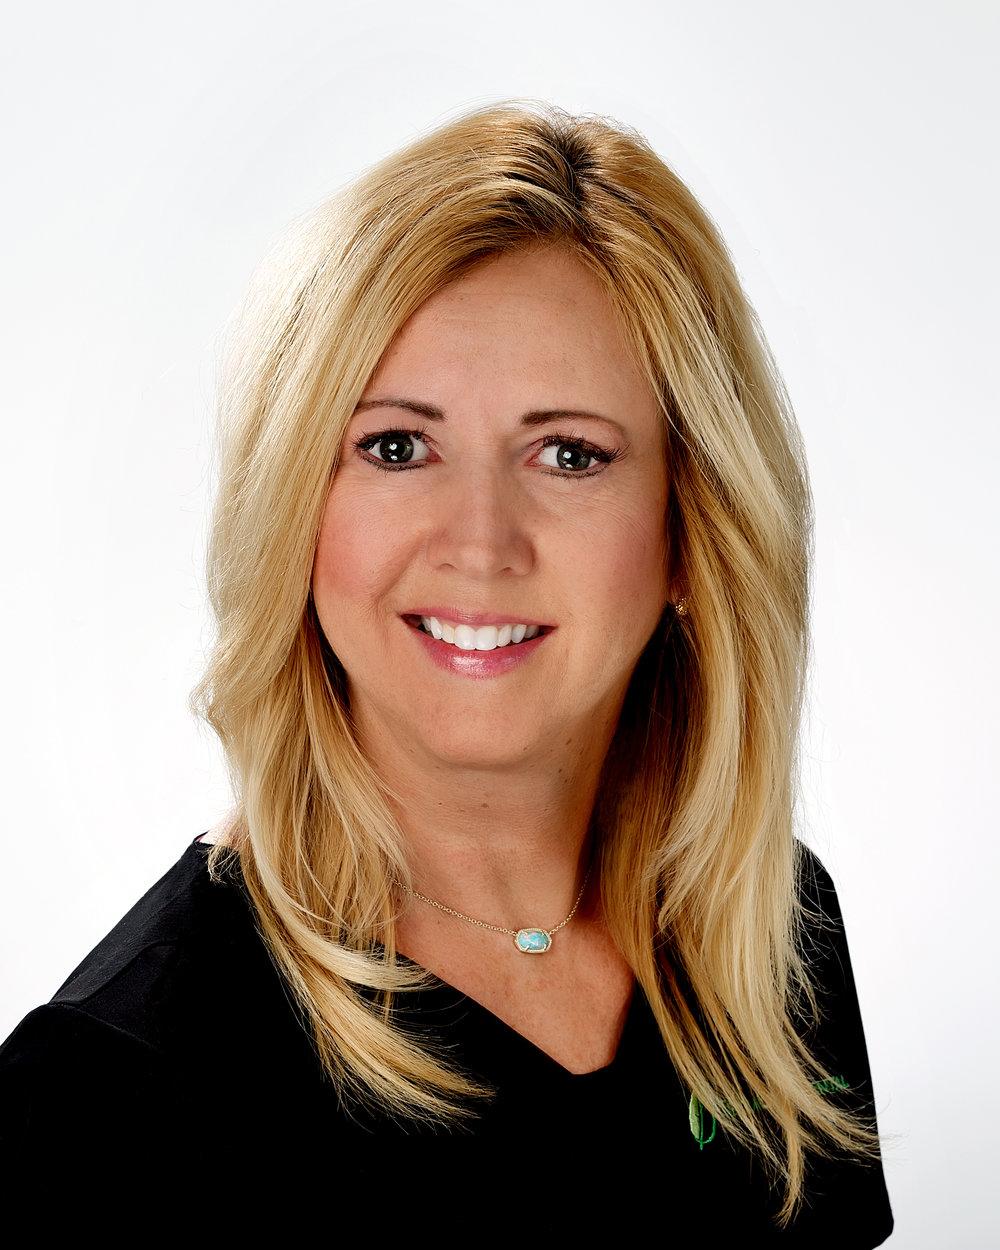 Sharon(Front desk)